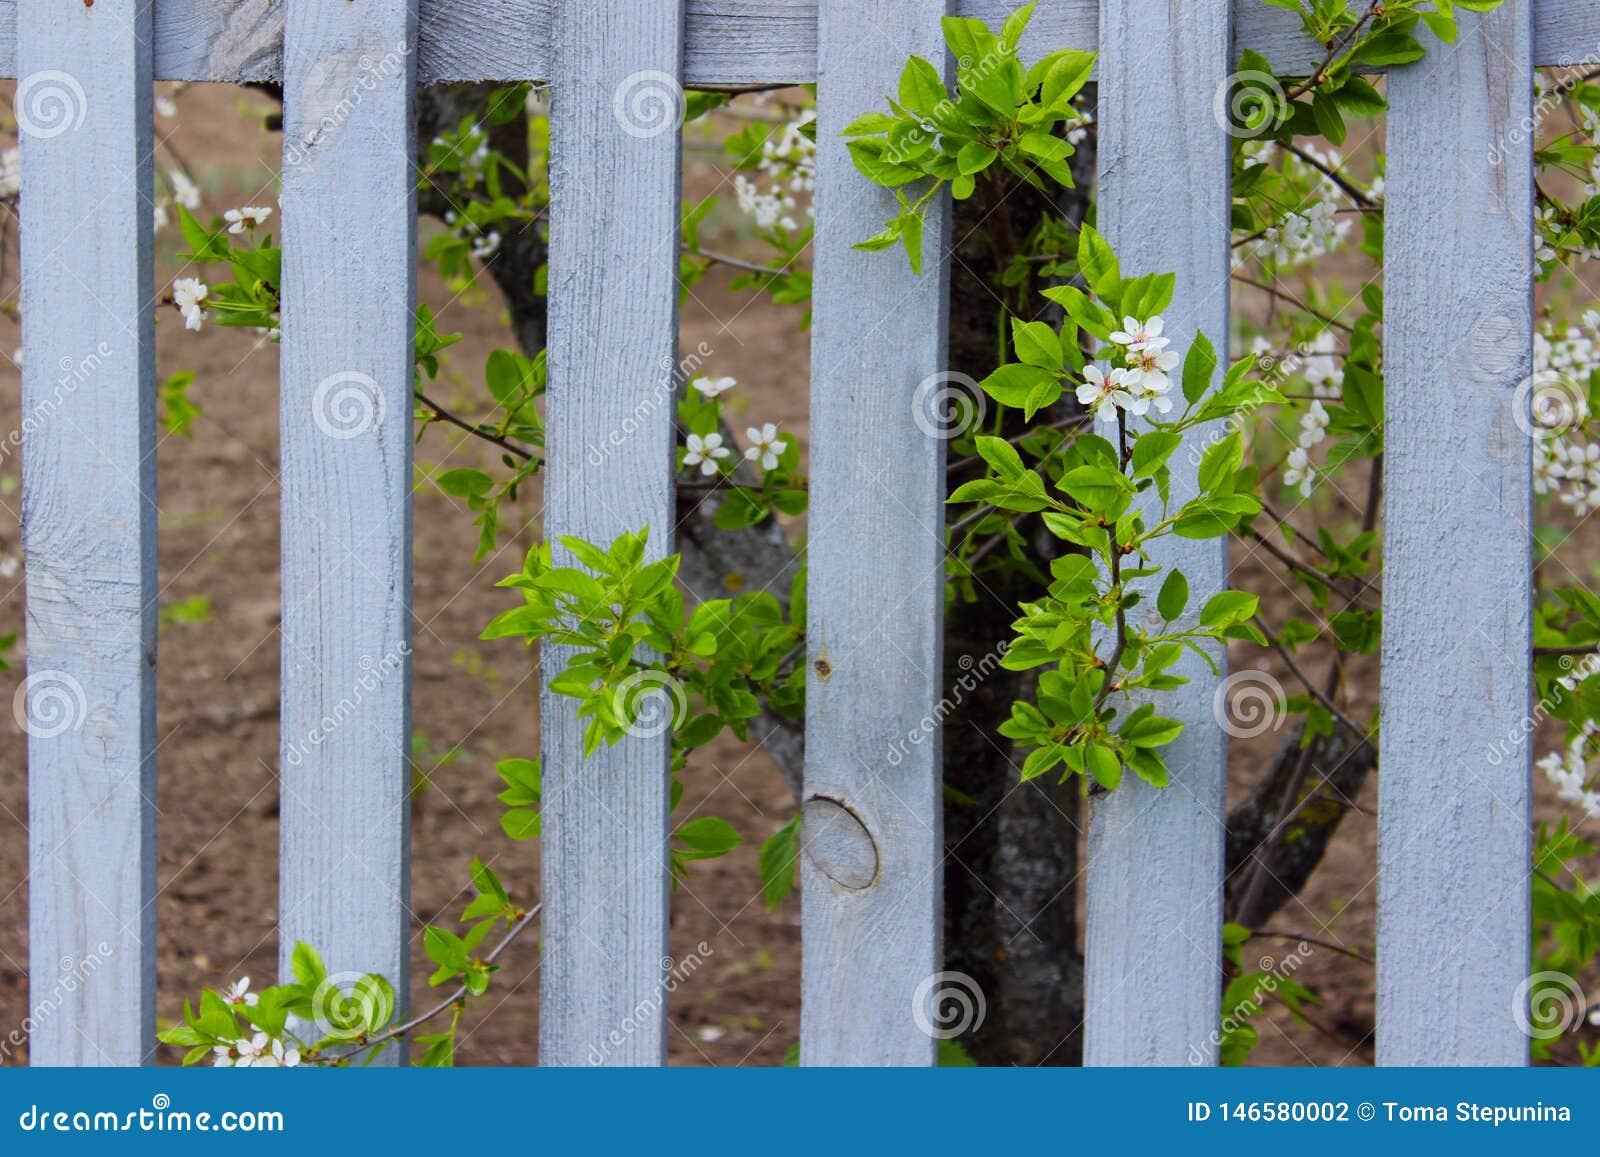 Usine et Gray Wooden Fence de floraison Nature, concept de jardinage Fond de nature